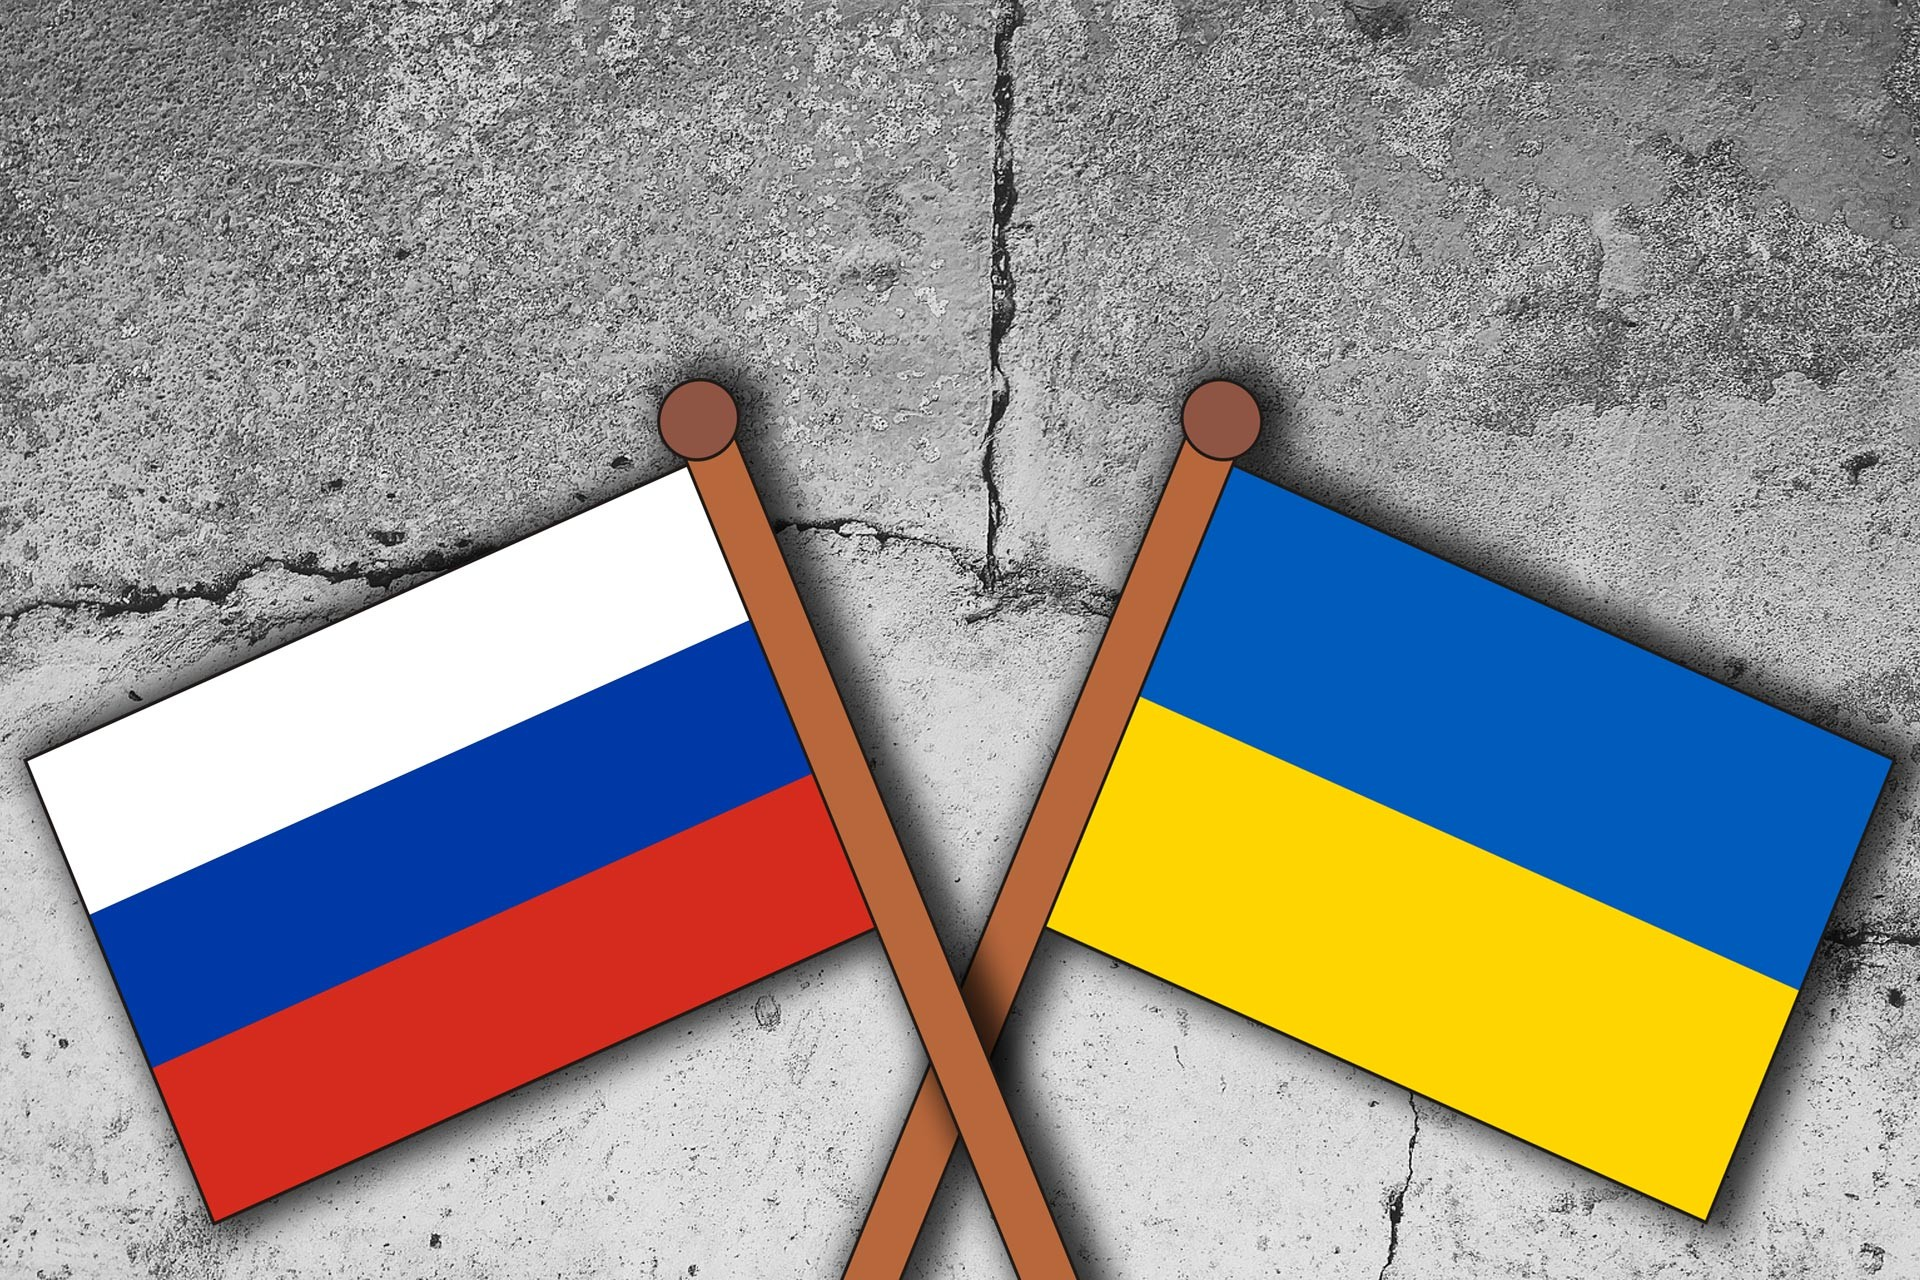 Rusya ile Ukrayna, karşılıklı olarak diplomatları sınır dışı etti